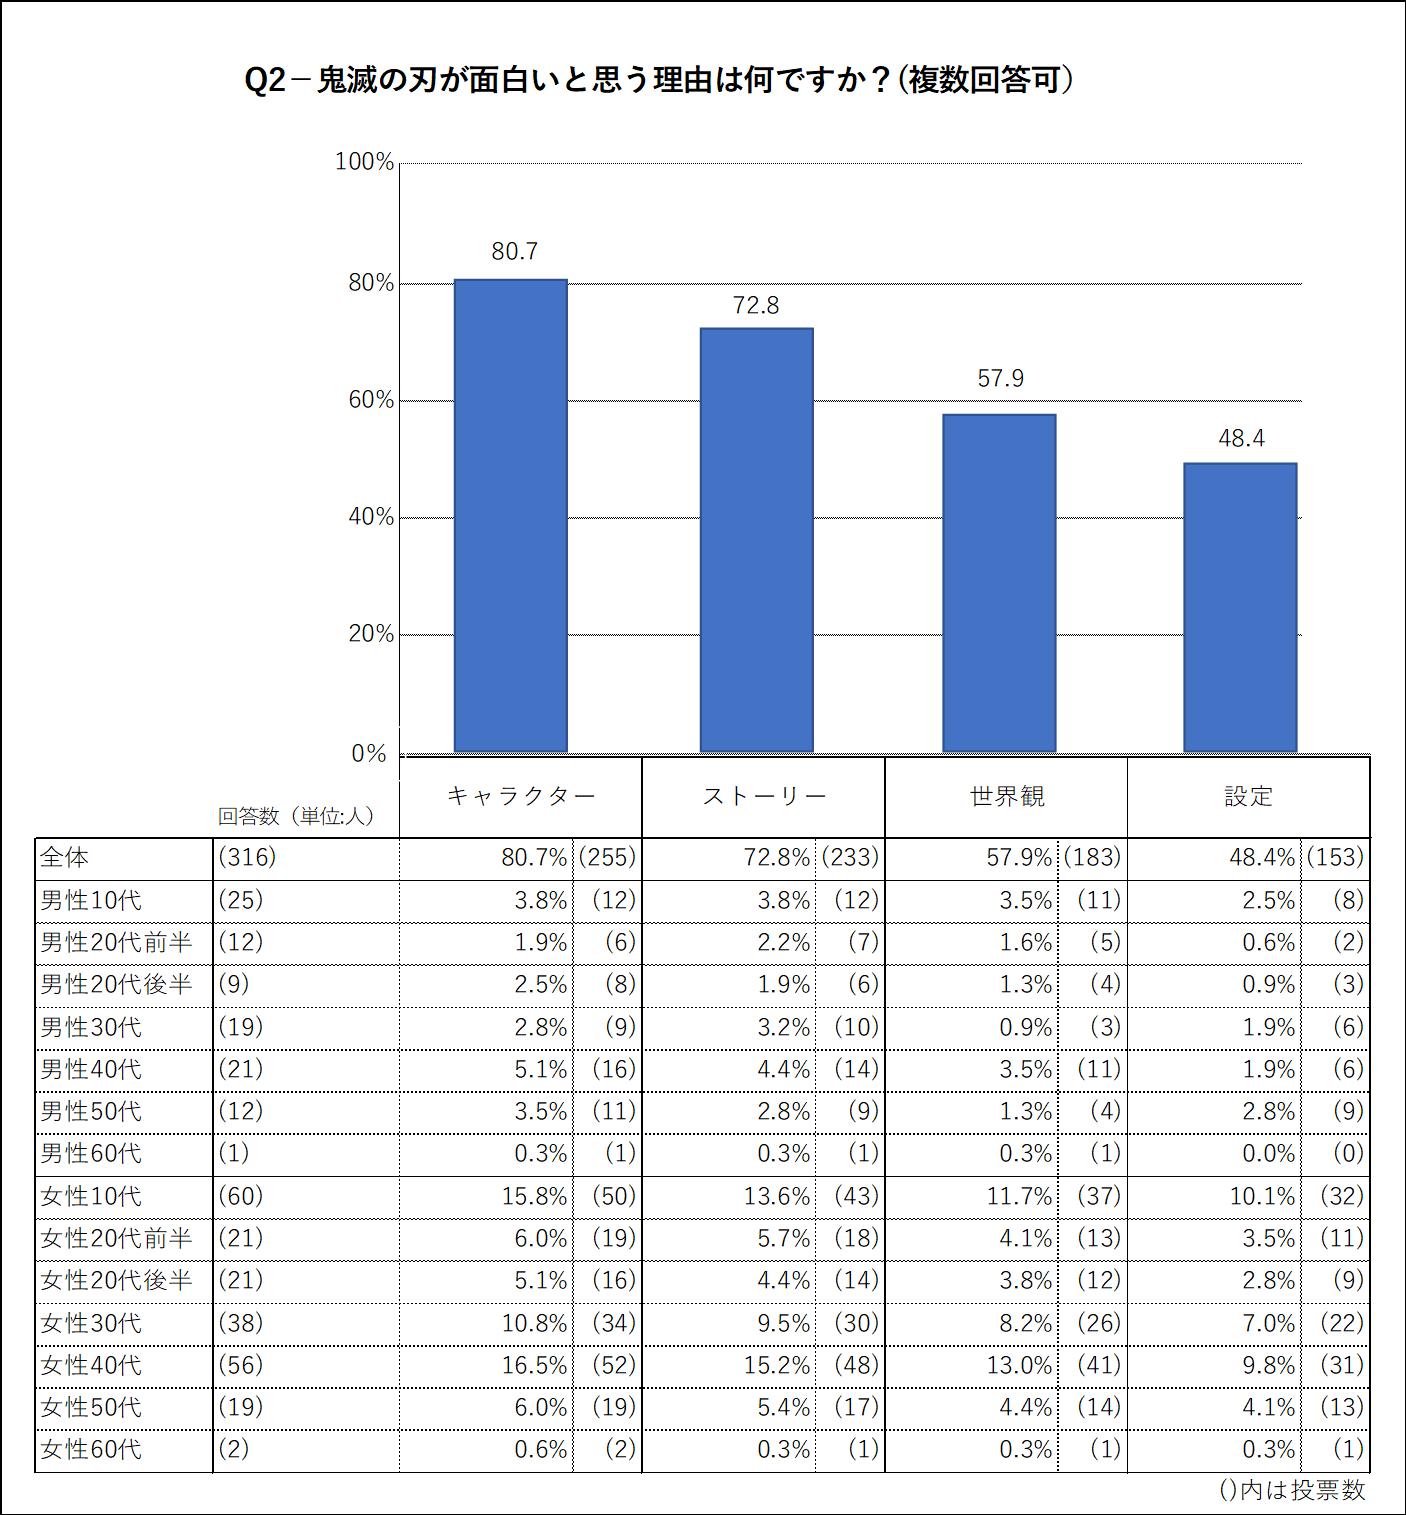 『鬼滅の刃』/映画『無限列車編』あらすじ&感想まとめ(ネタバレあり)-4